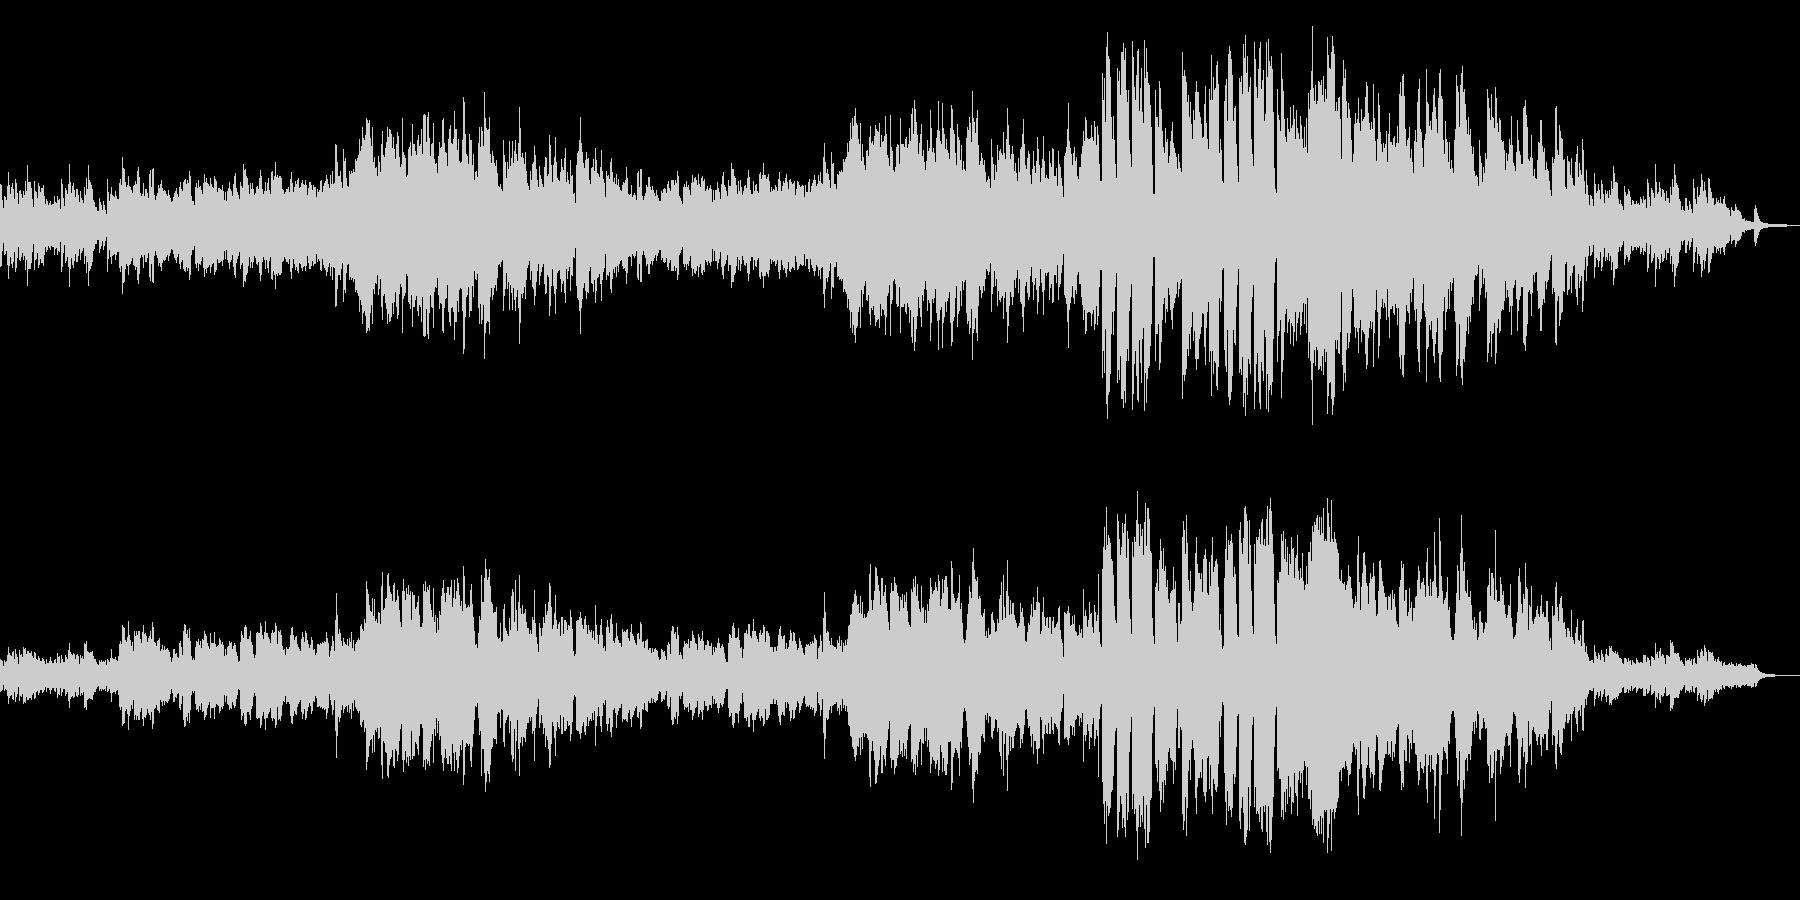 トランペットとピアノのメロディアスな楽曲の未再生の波形